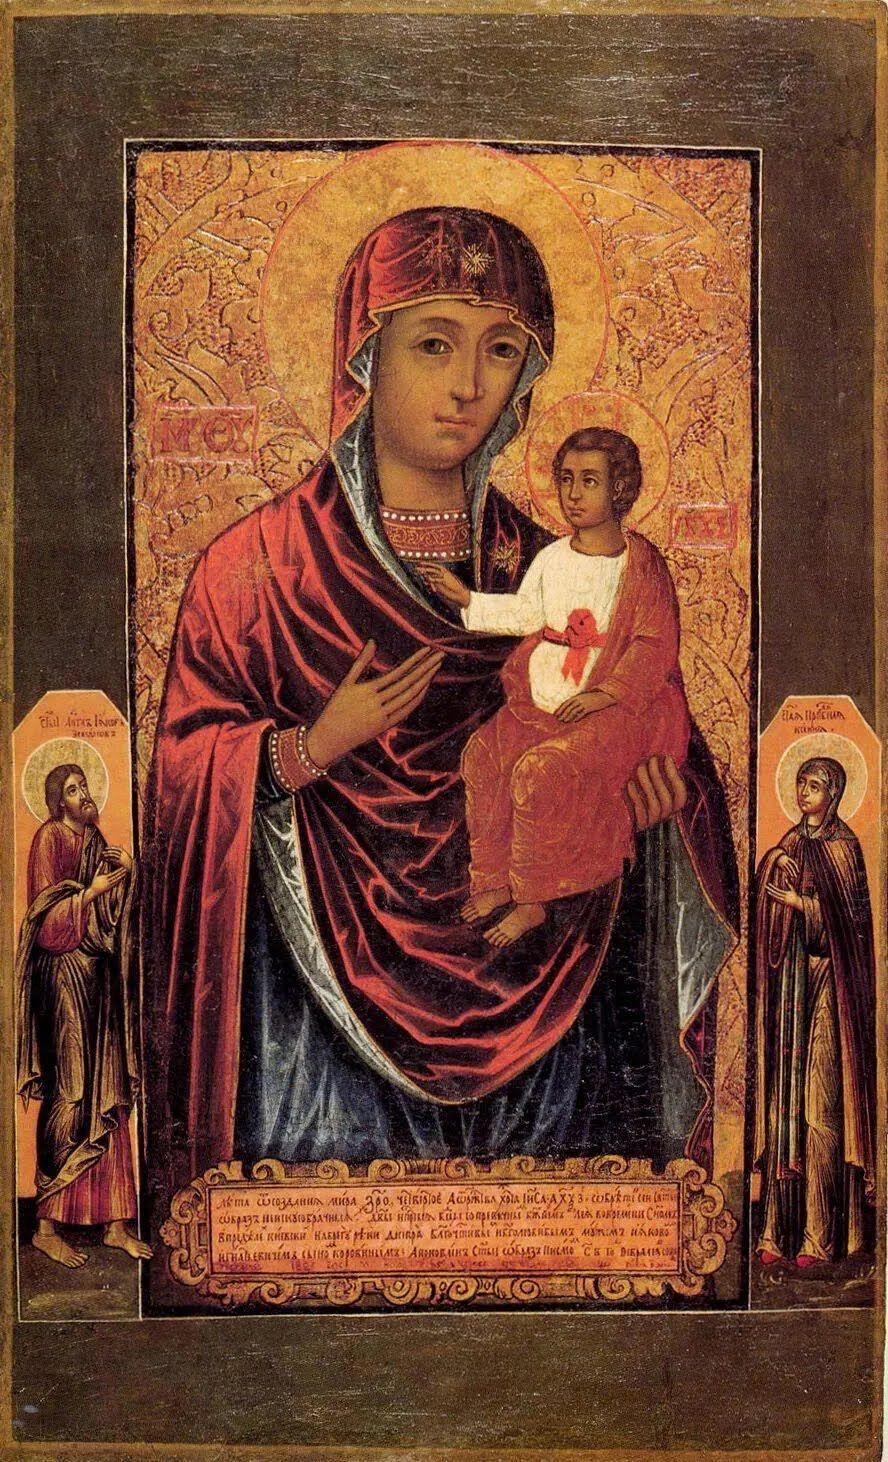 Согласно преданию, Виленская икона Божьей Матери была написана апостолом от семидесяти евангелистом Лукой